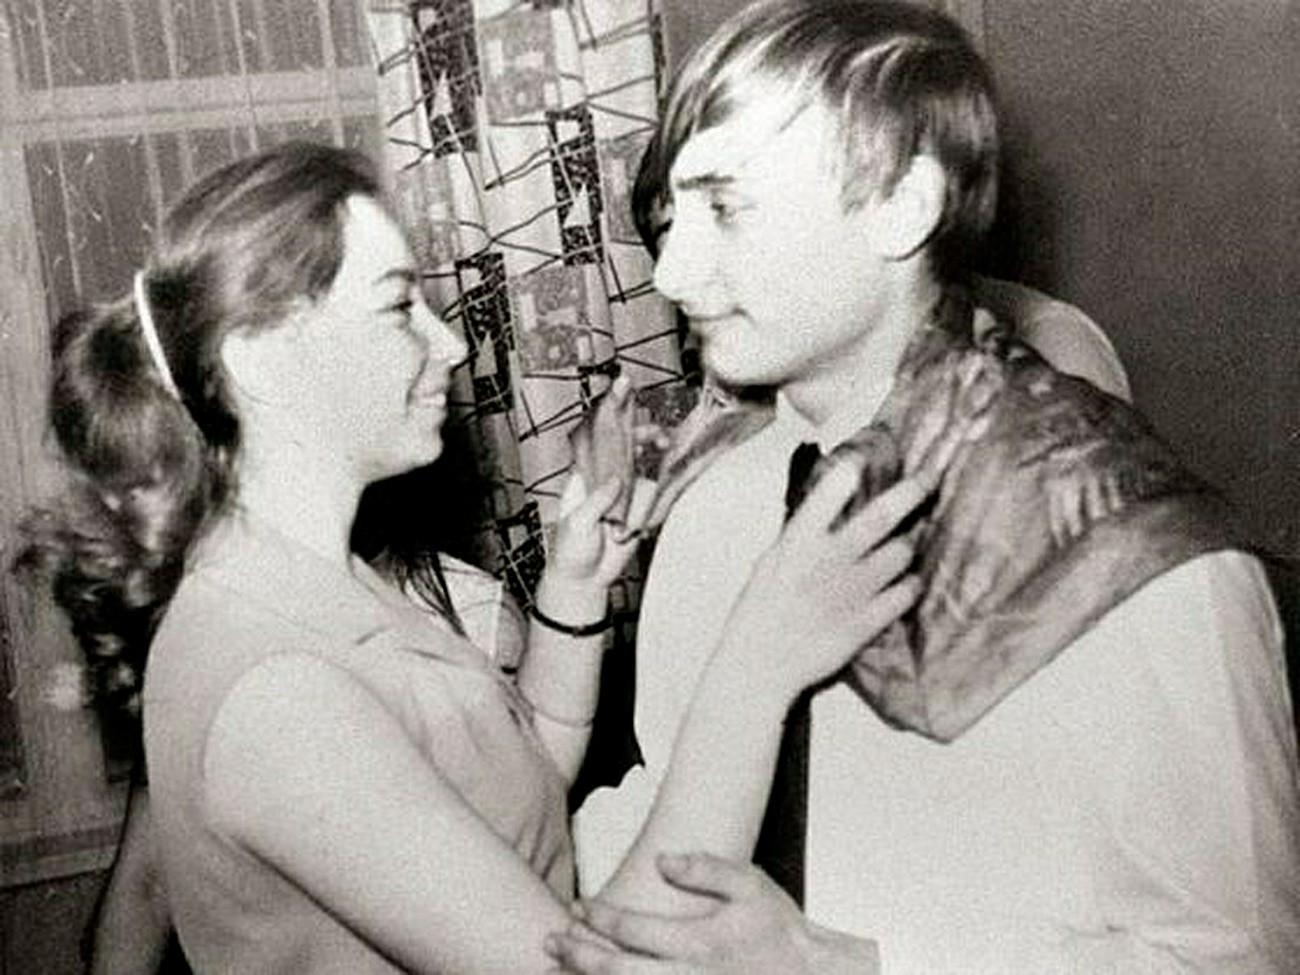 Un giovanissimo Vladimir Putin balla con la compagna di classe Elena durante una festa a Leningrado, anni Settanta